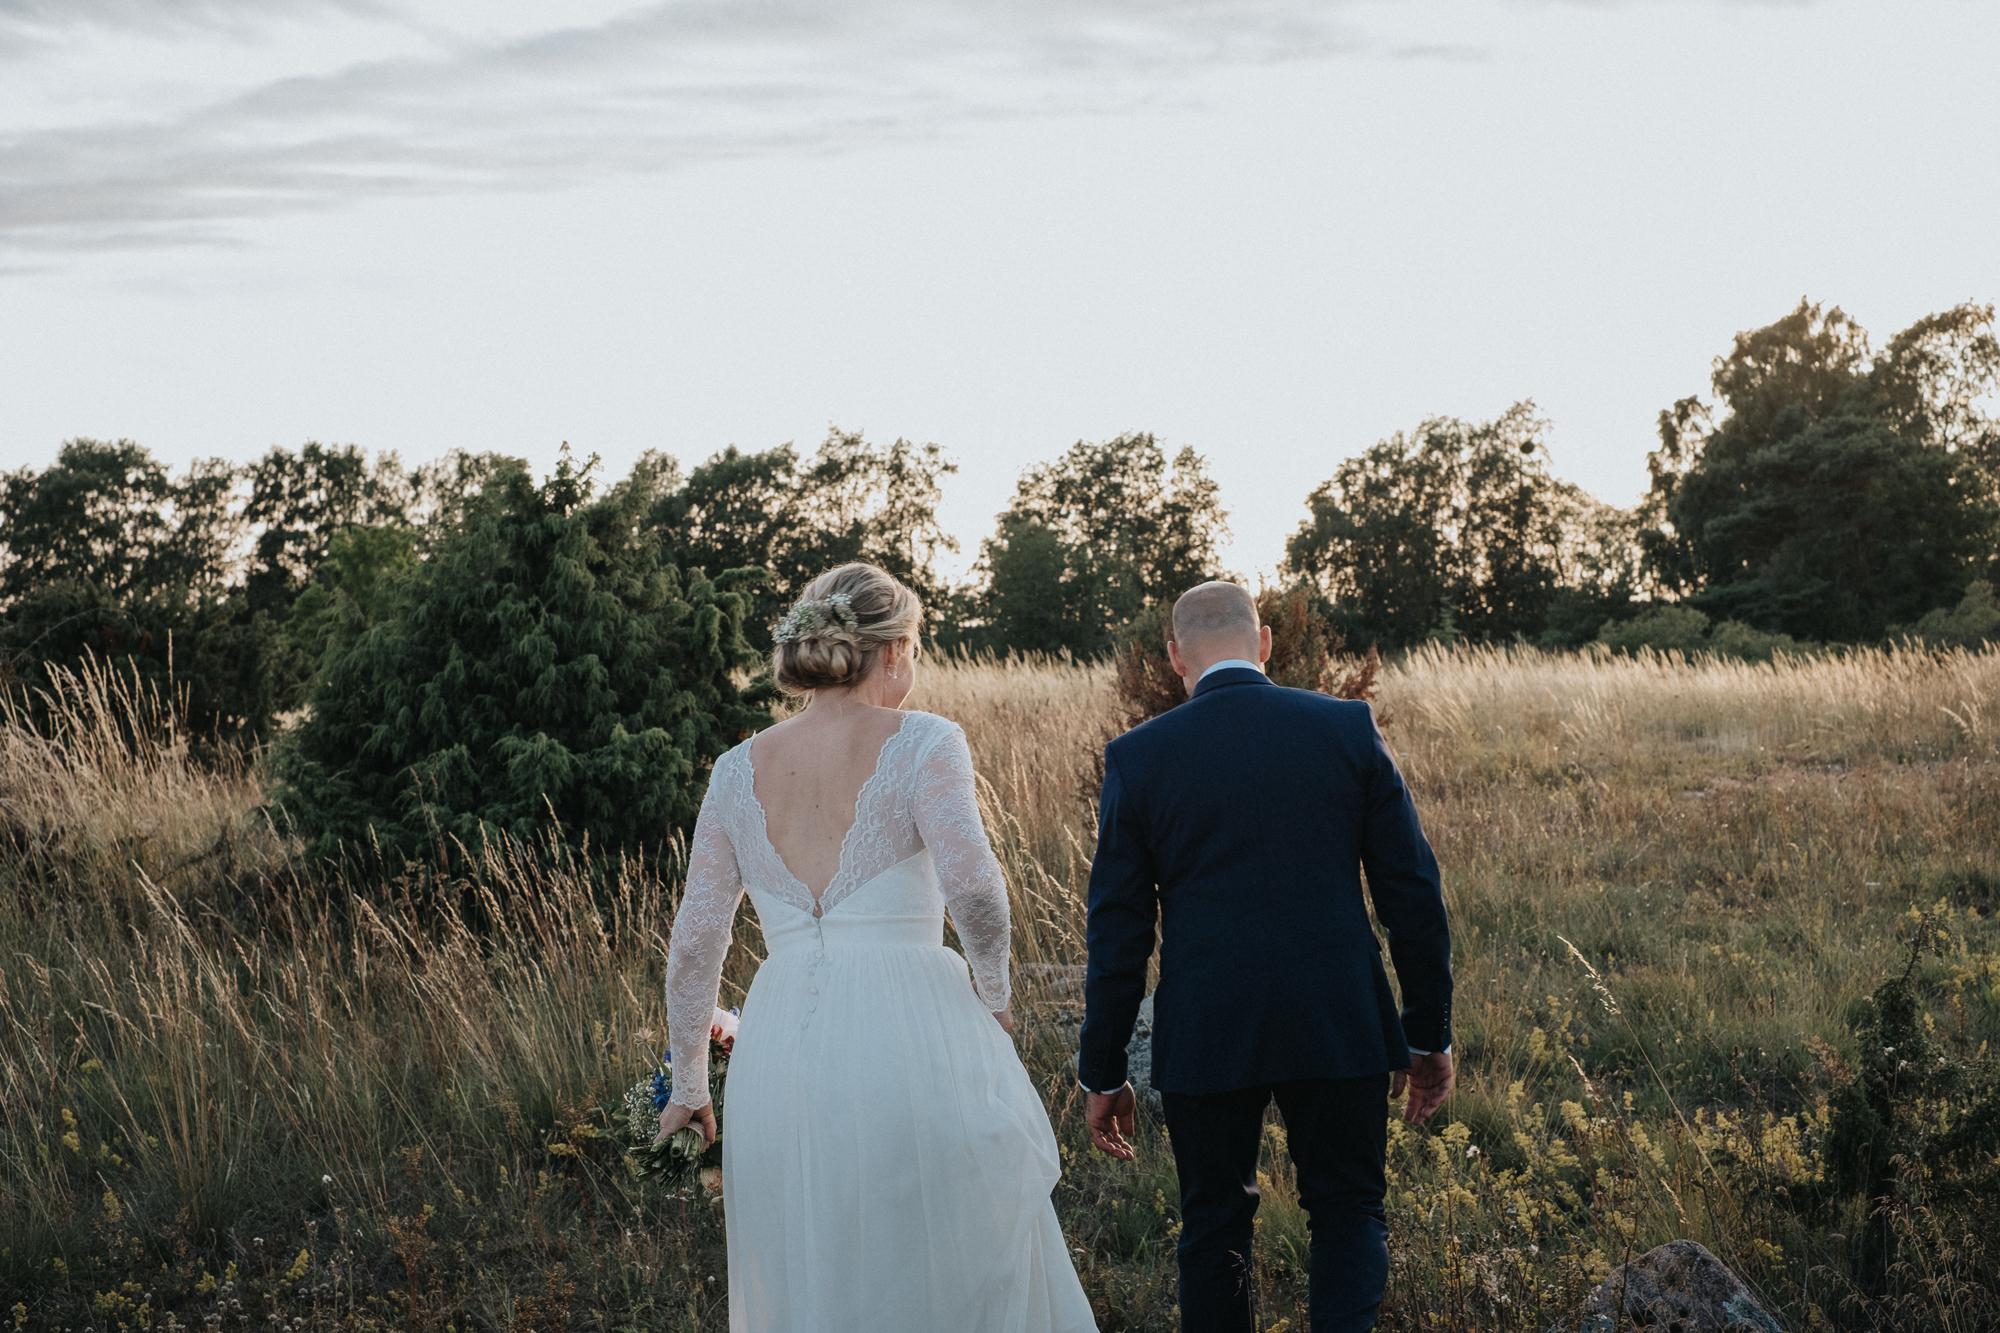 035-bröllop-fårögården-neas-fotografi.jpg